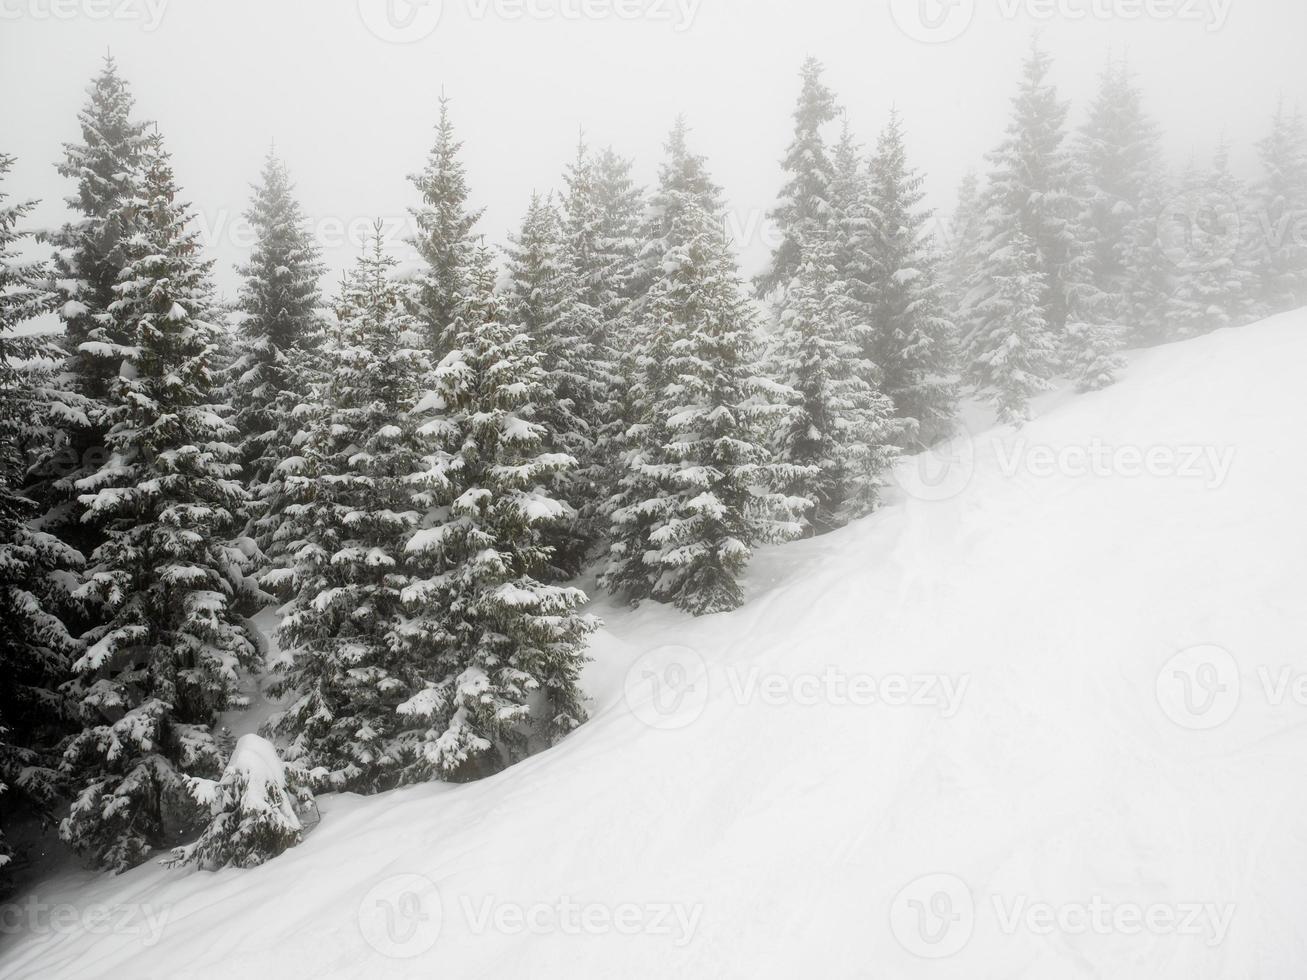 arbres couverts de neige dans la brume photo